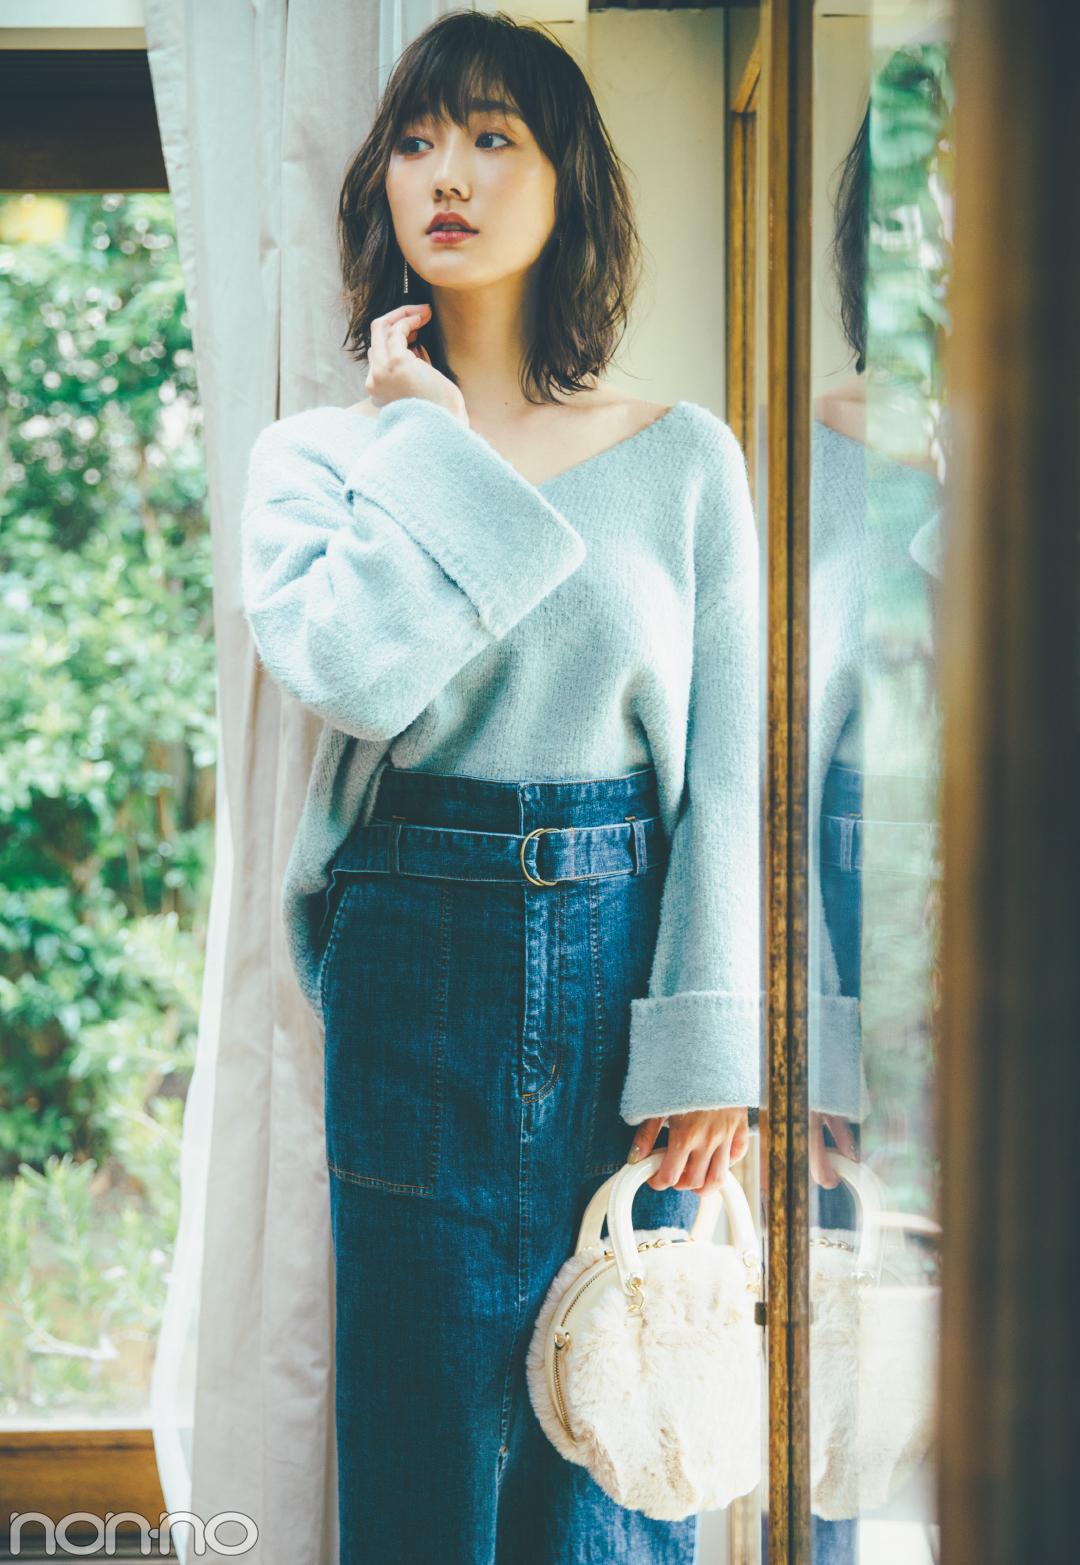 着るだけで盛れる♡ 袖コンシャスな女っぽニット4選!_1_2